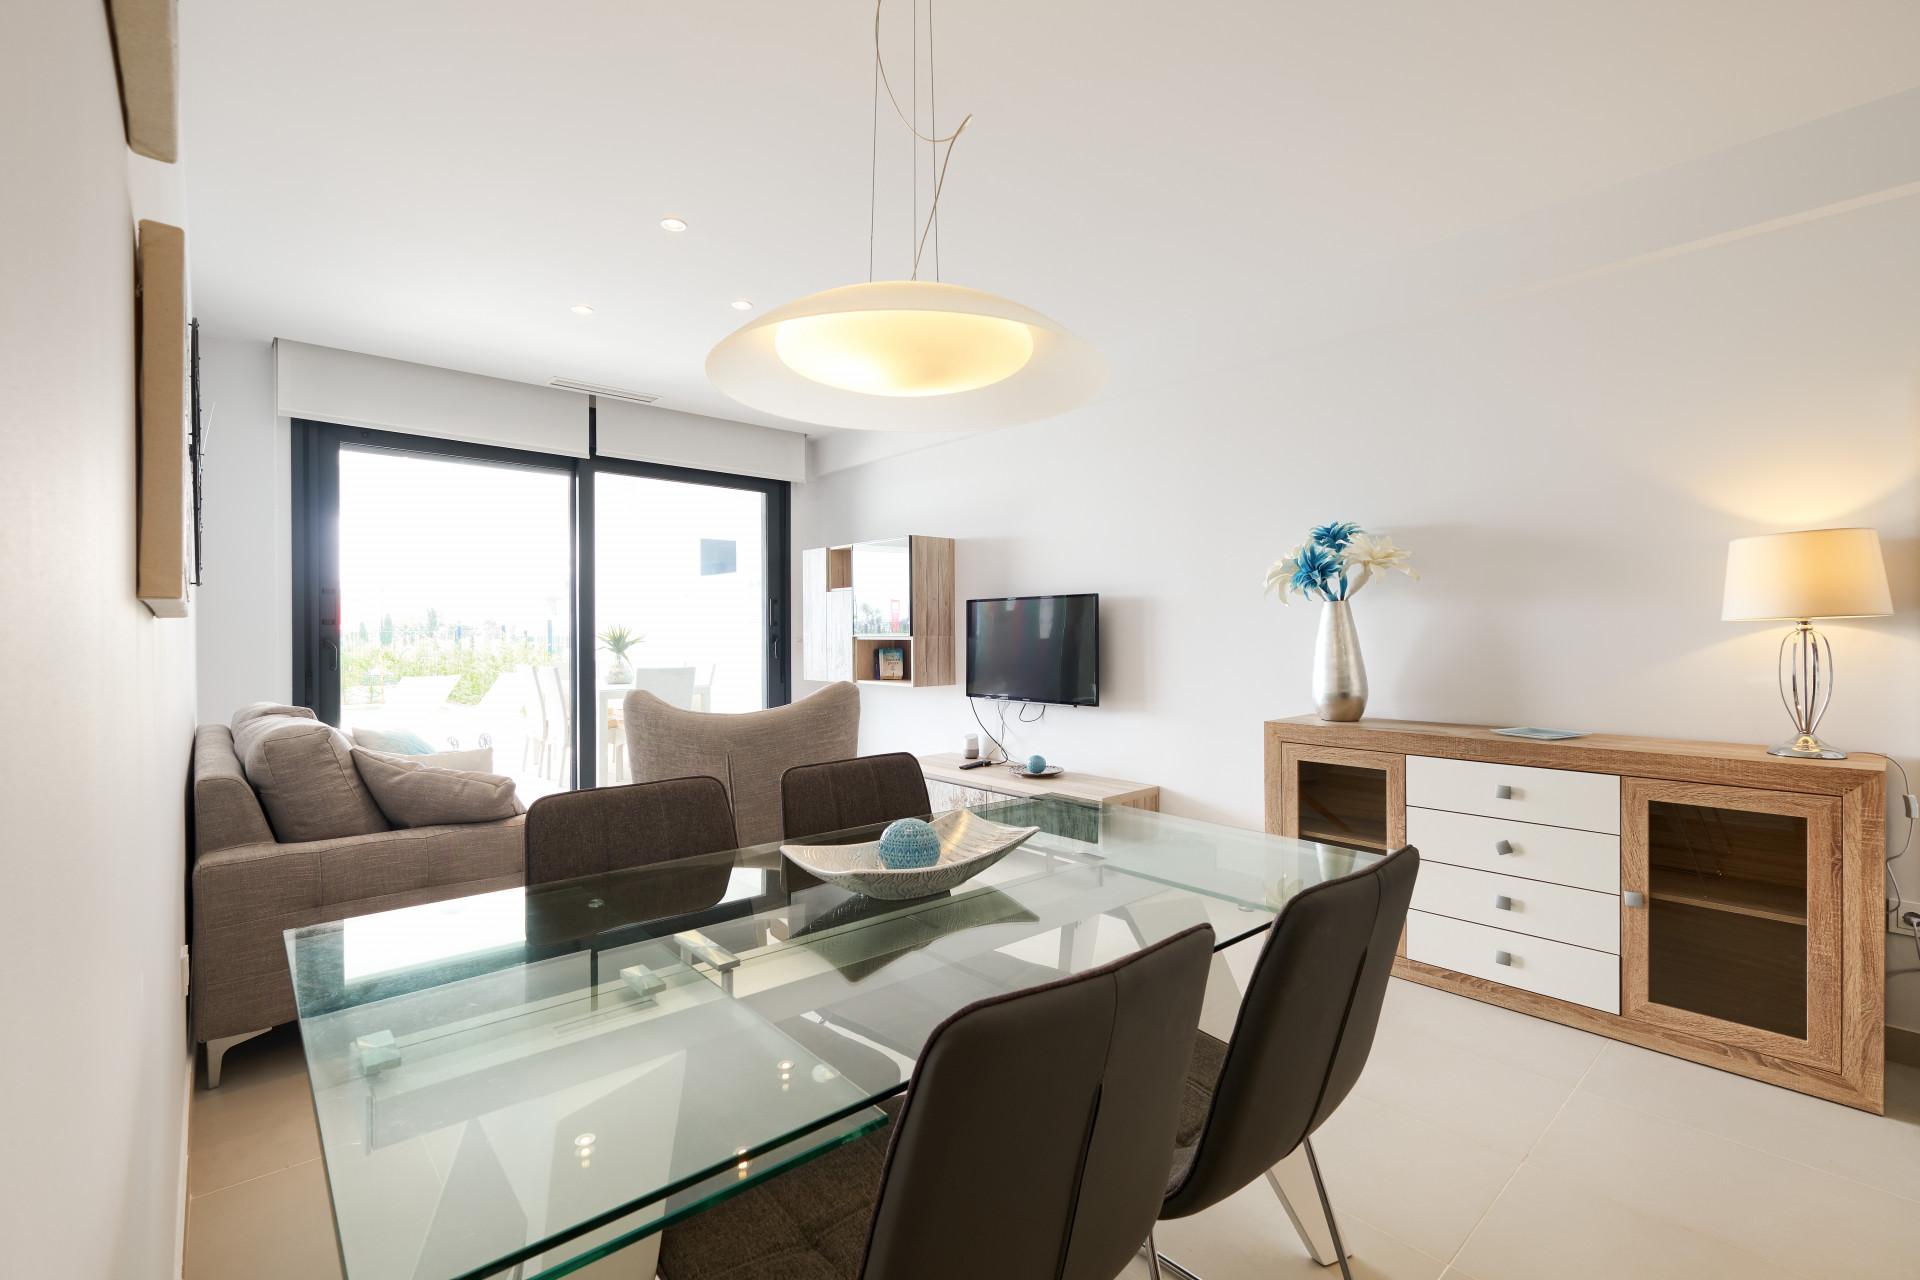 Ground Floor Apartment for sale in Cancelada, Estepona